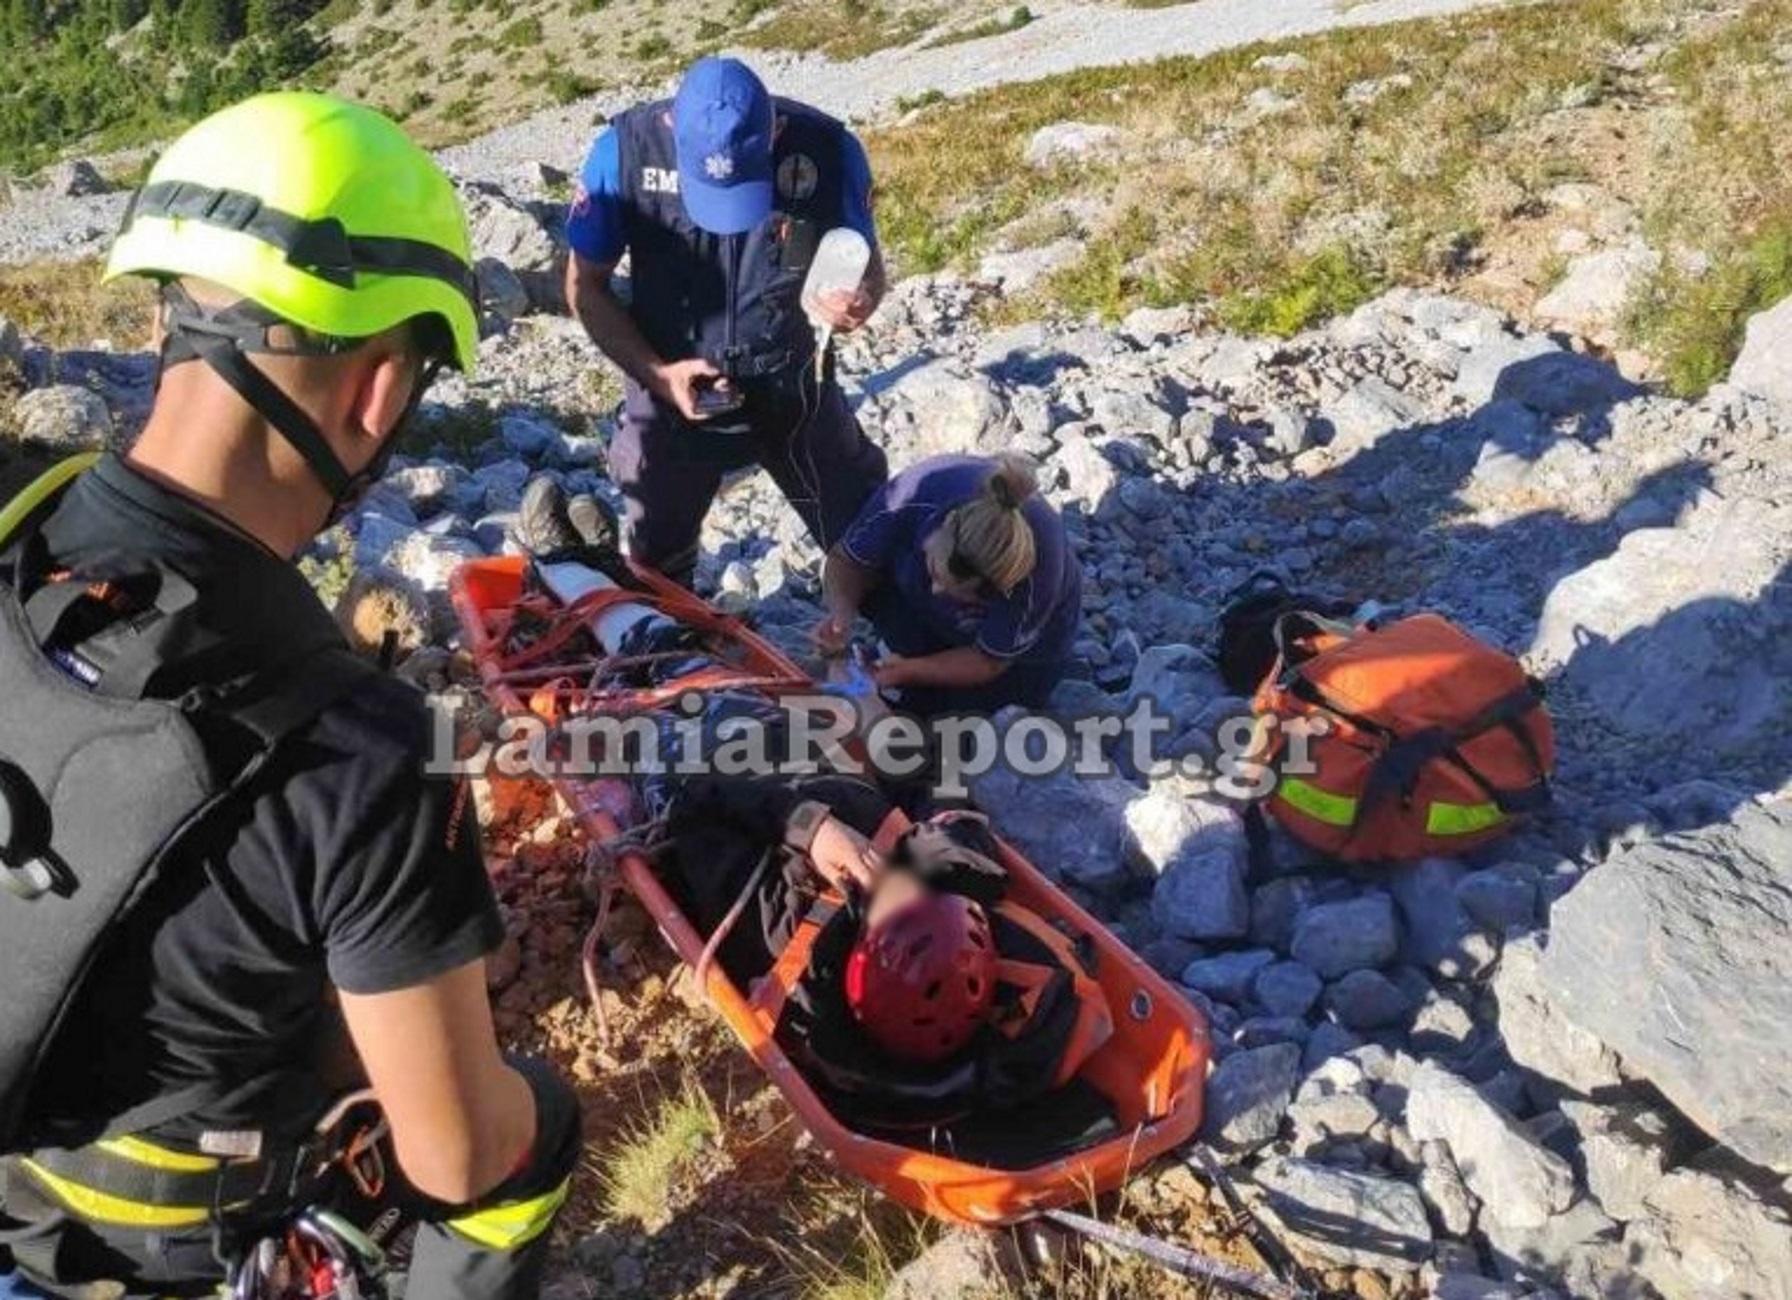 Εύβοια: Δραματική διάσωση στην κάμερα! Σφάδαζε στους πόνους στο Ξηροβούνι μέσα σε μια λίμνη αίματος (Βίντεο)